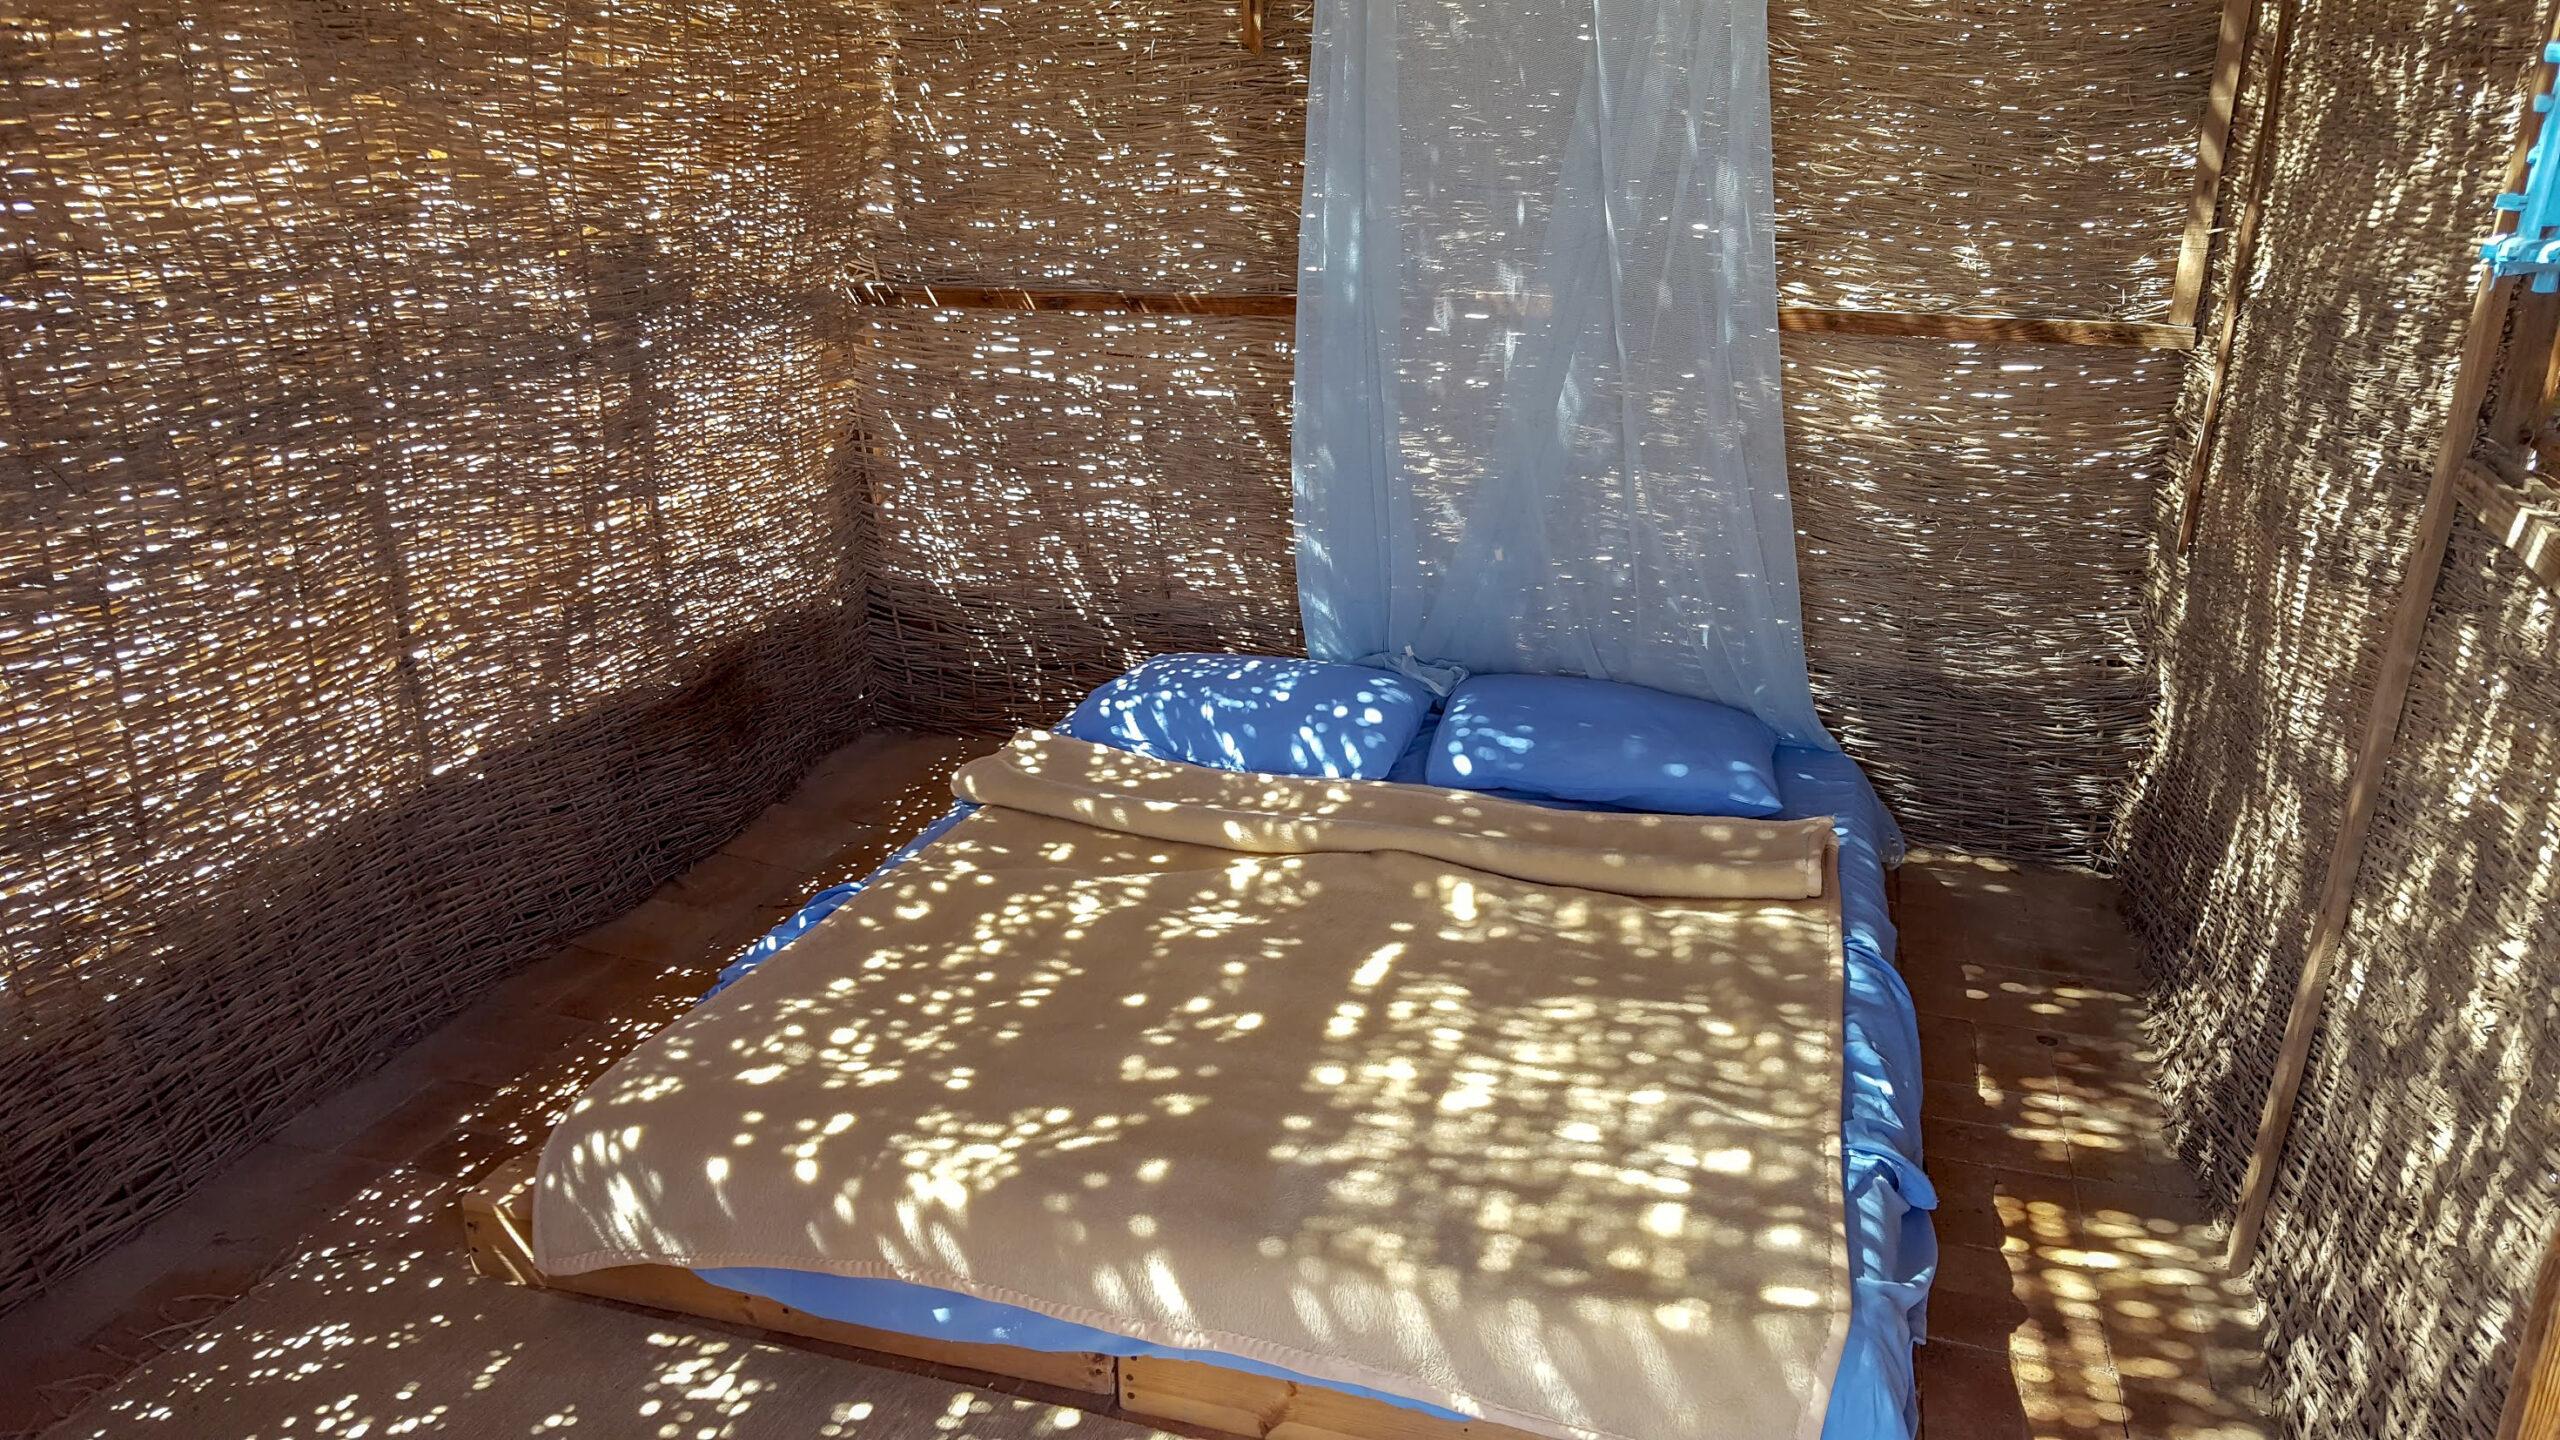 Inside a sun dappled Husha Hut with a blue bed, Aqua Sun, Gulf of Aqaba, Egypt